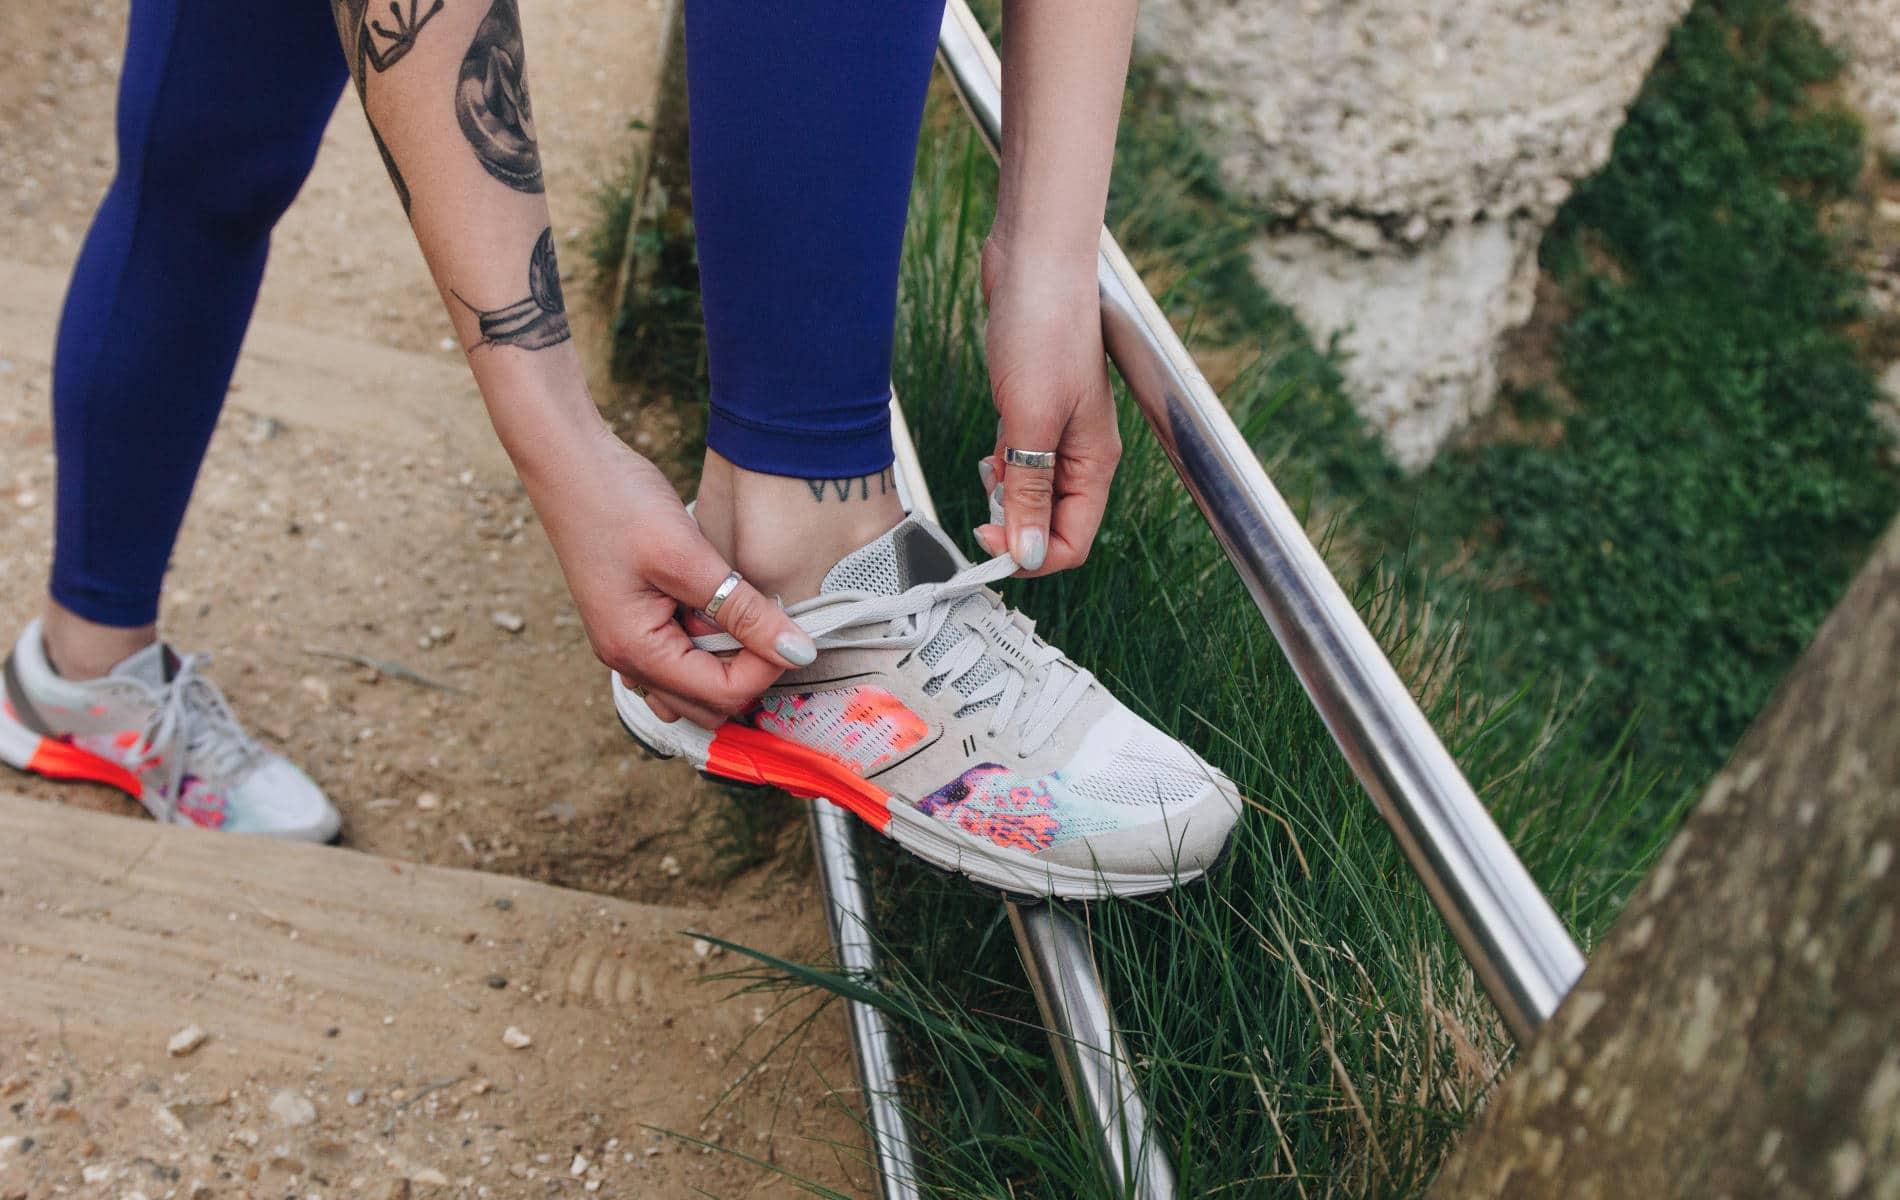 Frau zieht ihre Laufschuhe für einen Lauf an